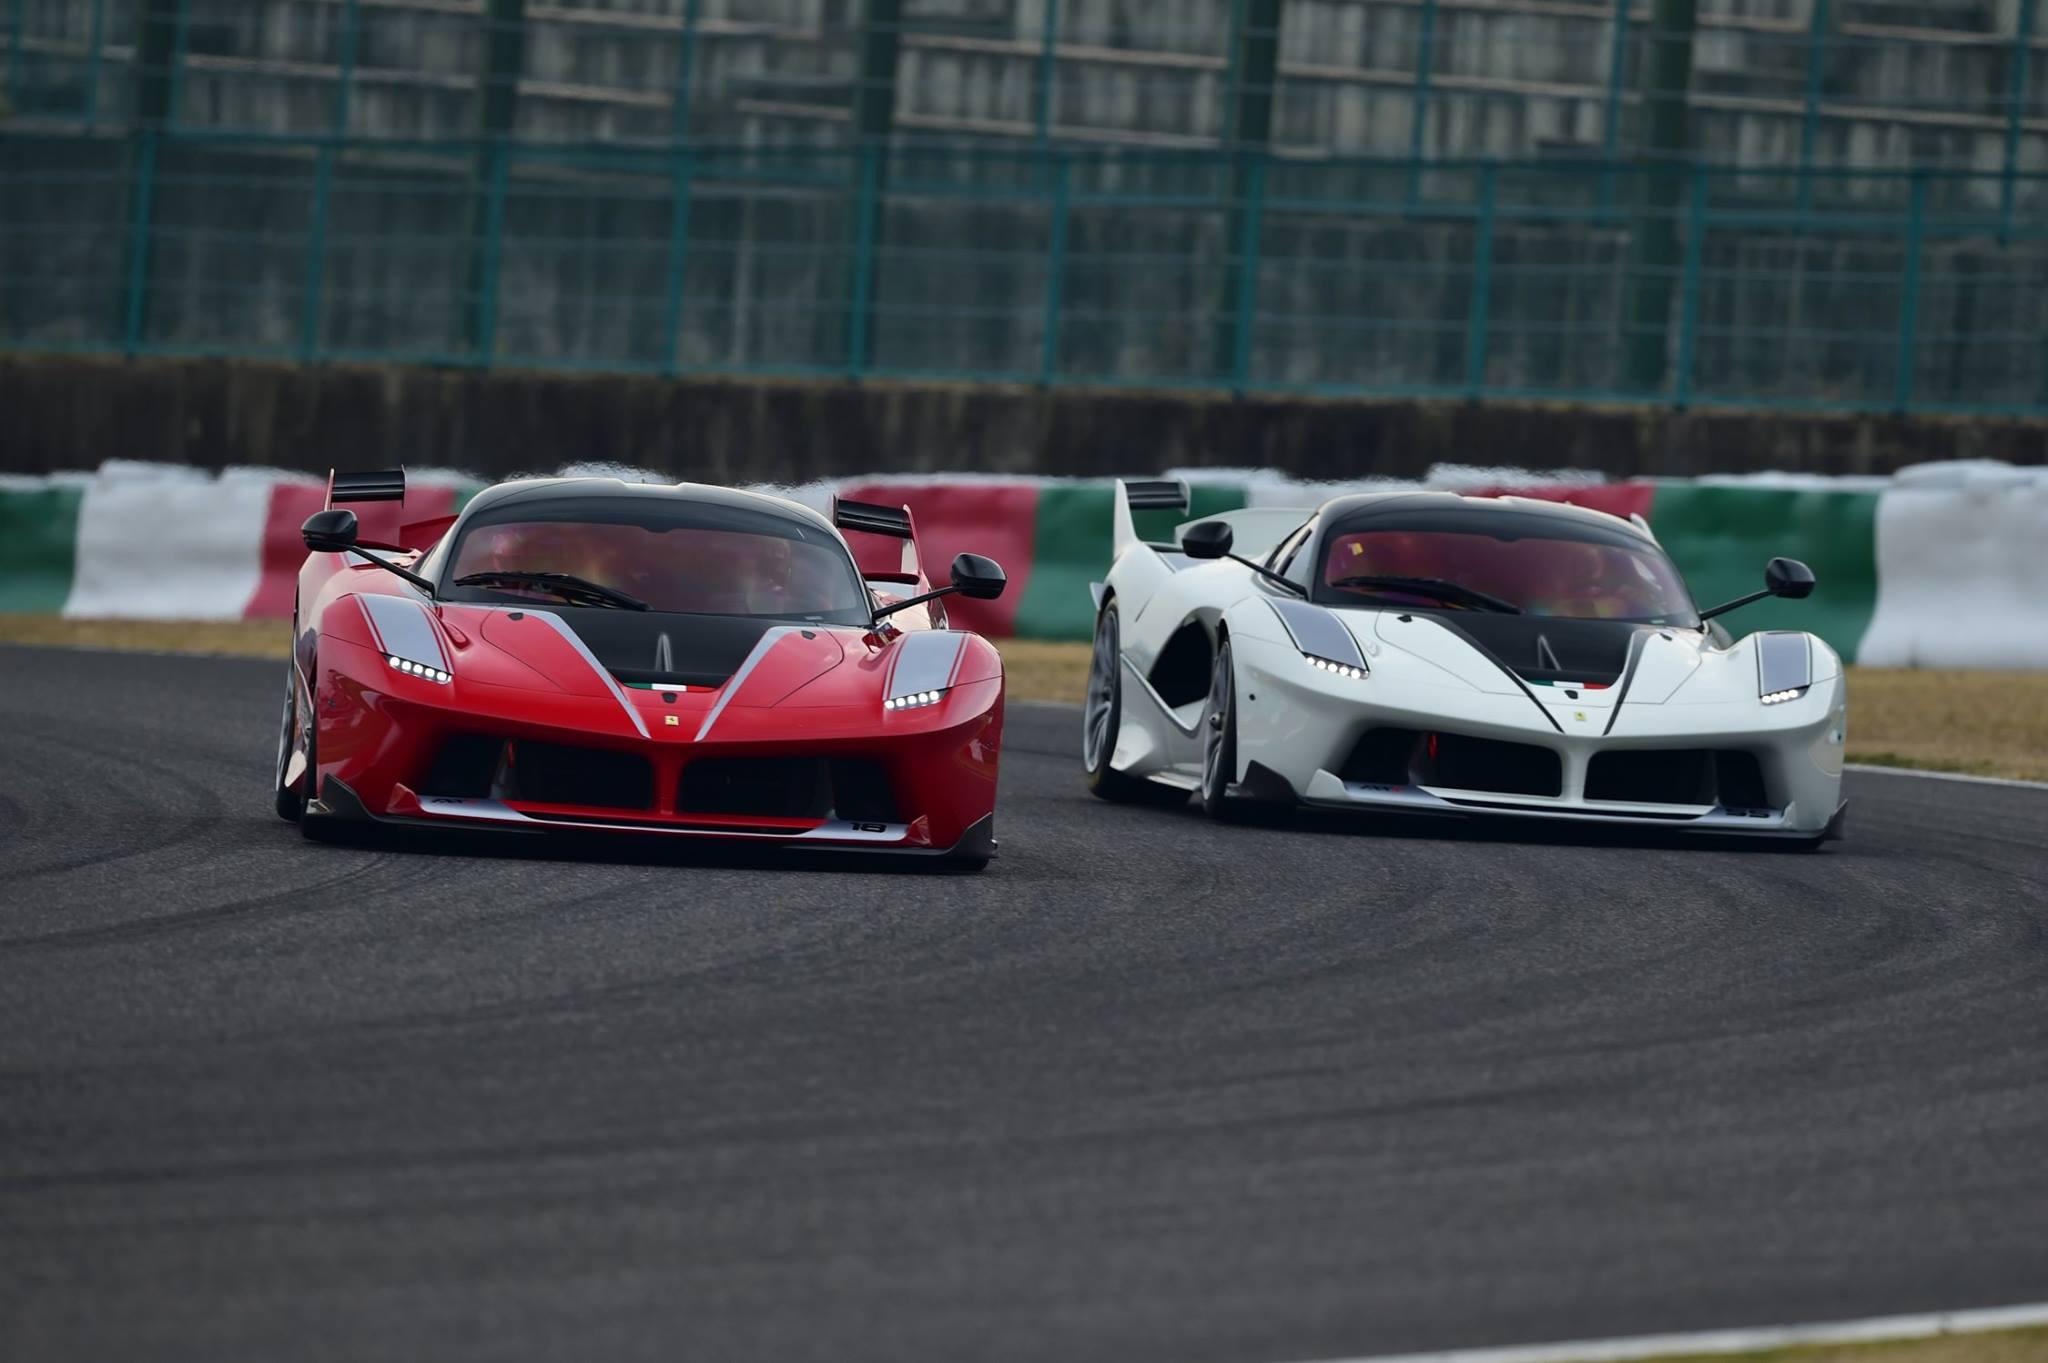 Gallery Best Of Ferrari Racing Days Suzuka 2016 Gtspirit